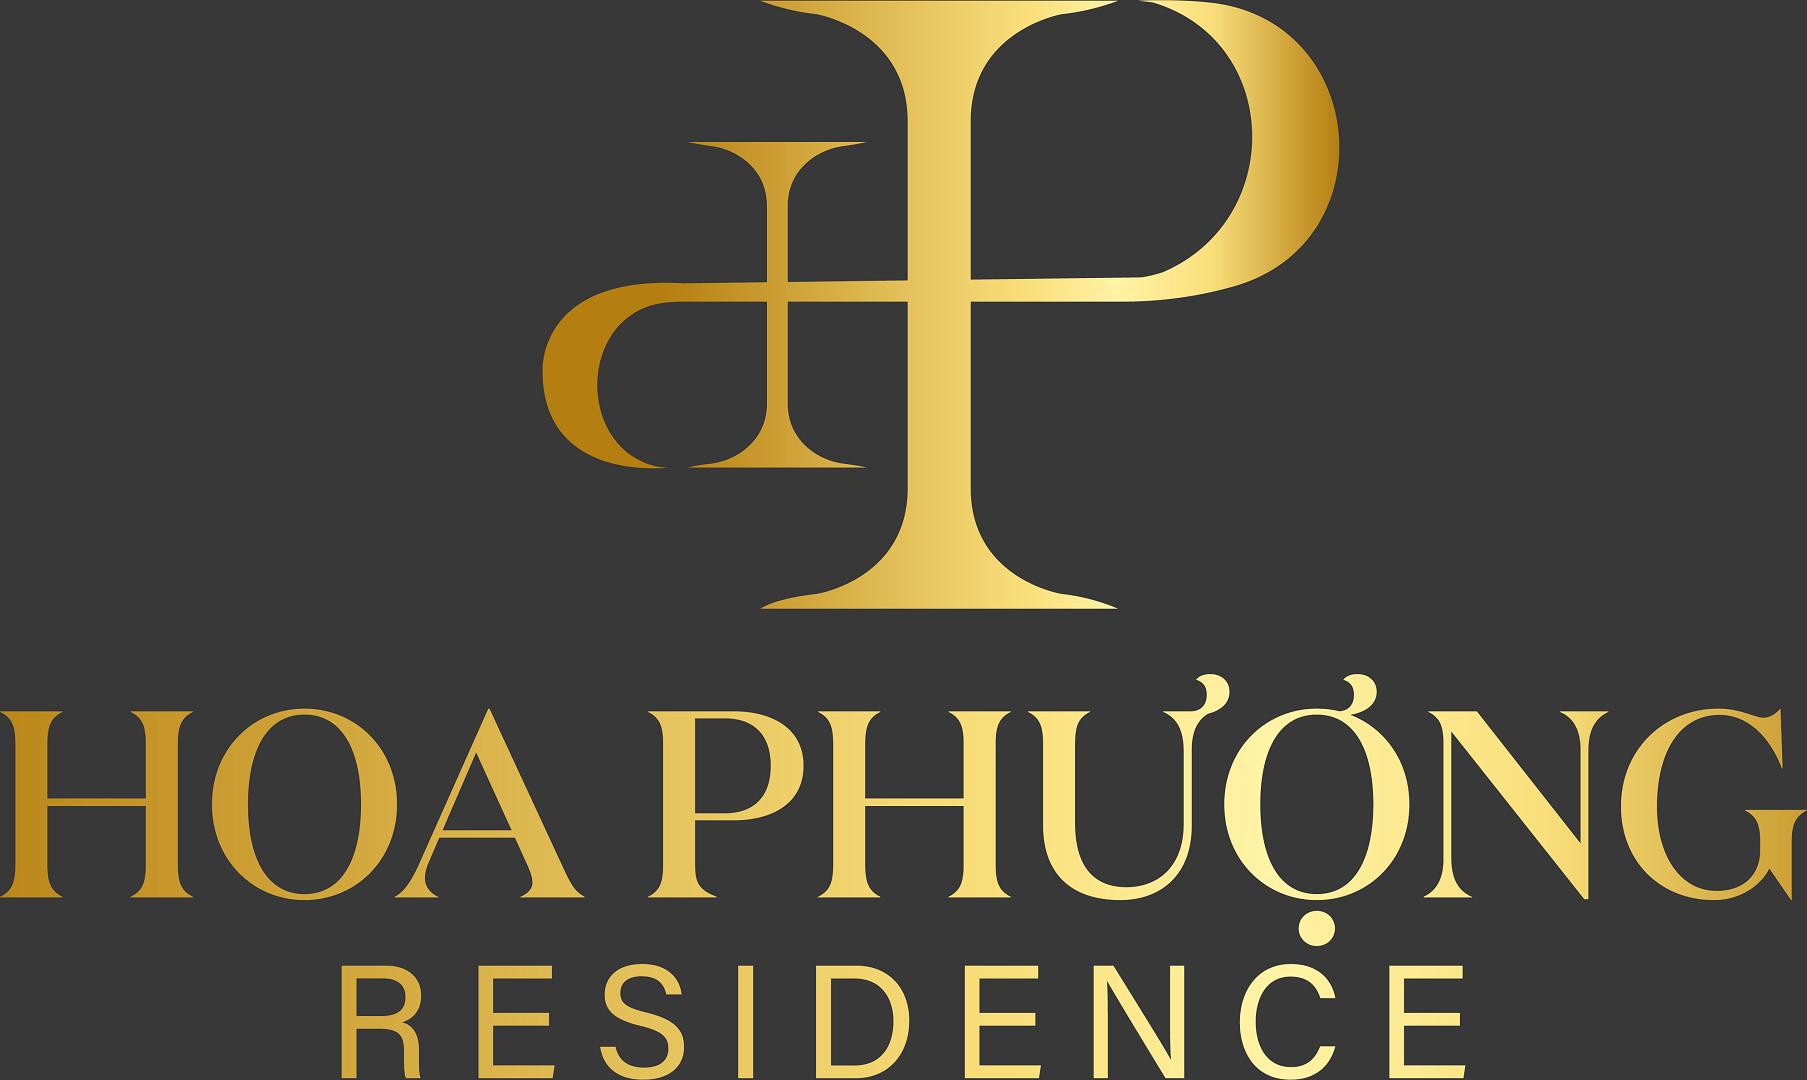 logo dự án hoa phượng residence